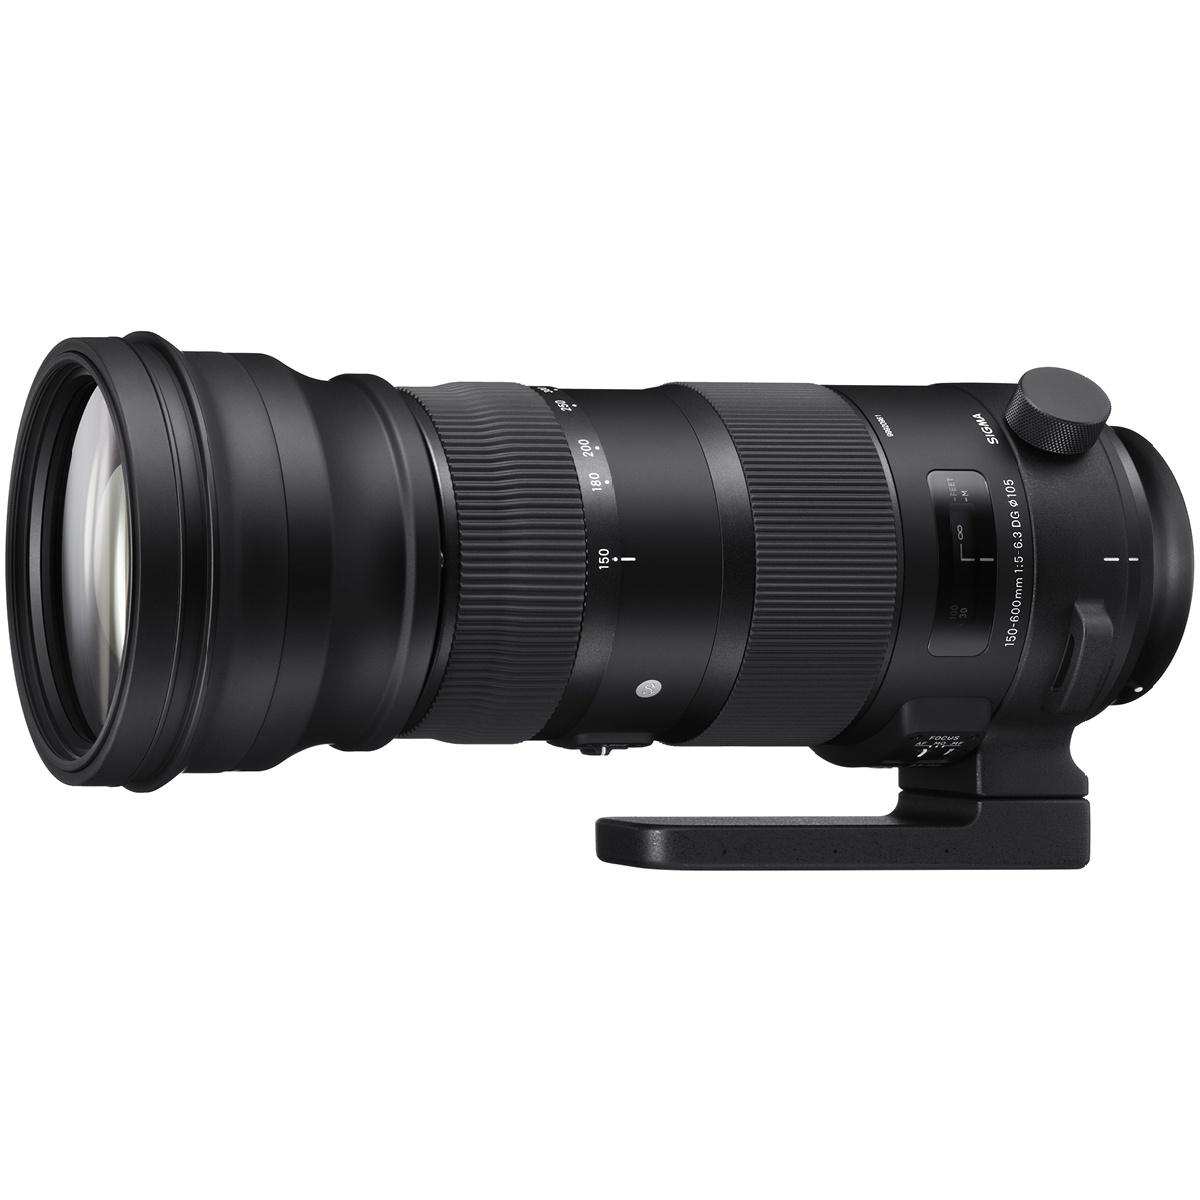 Sigma 150-600 mm 1:5-6,3 DG OS HSM (S) FX